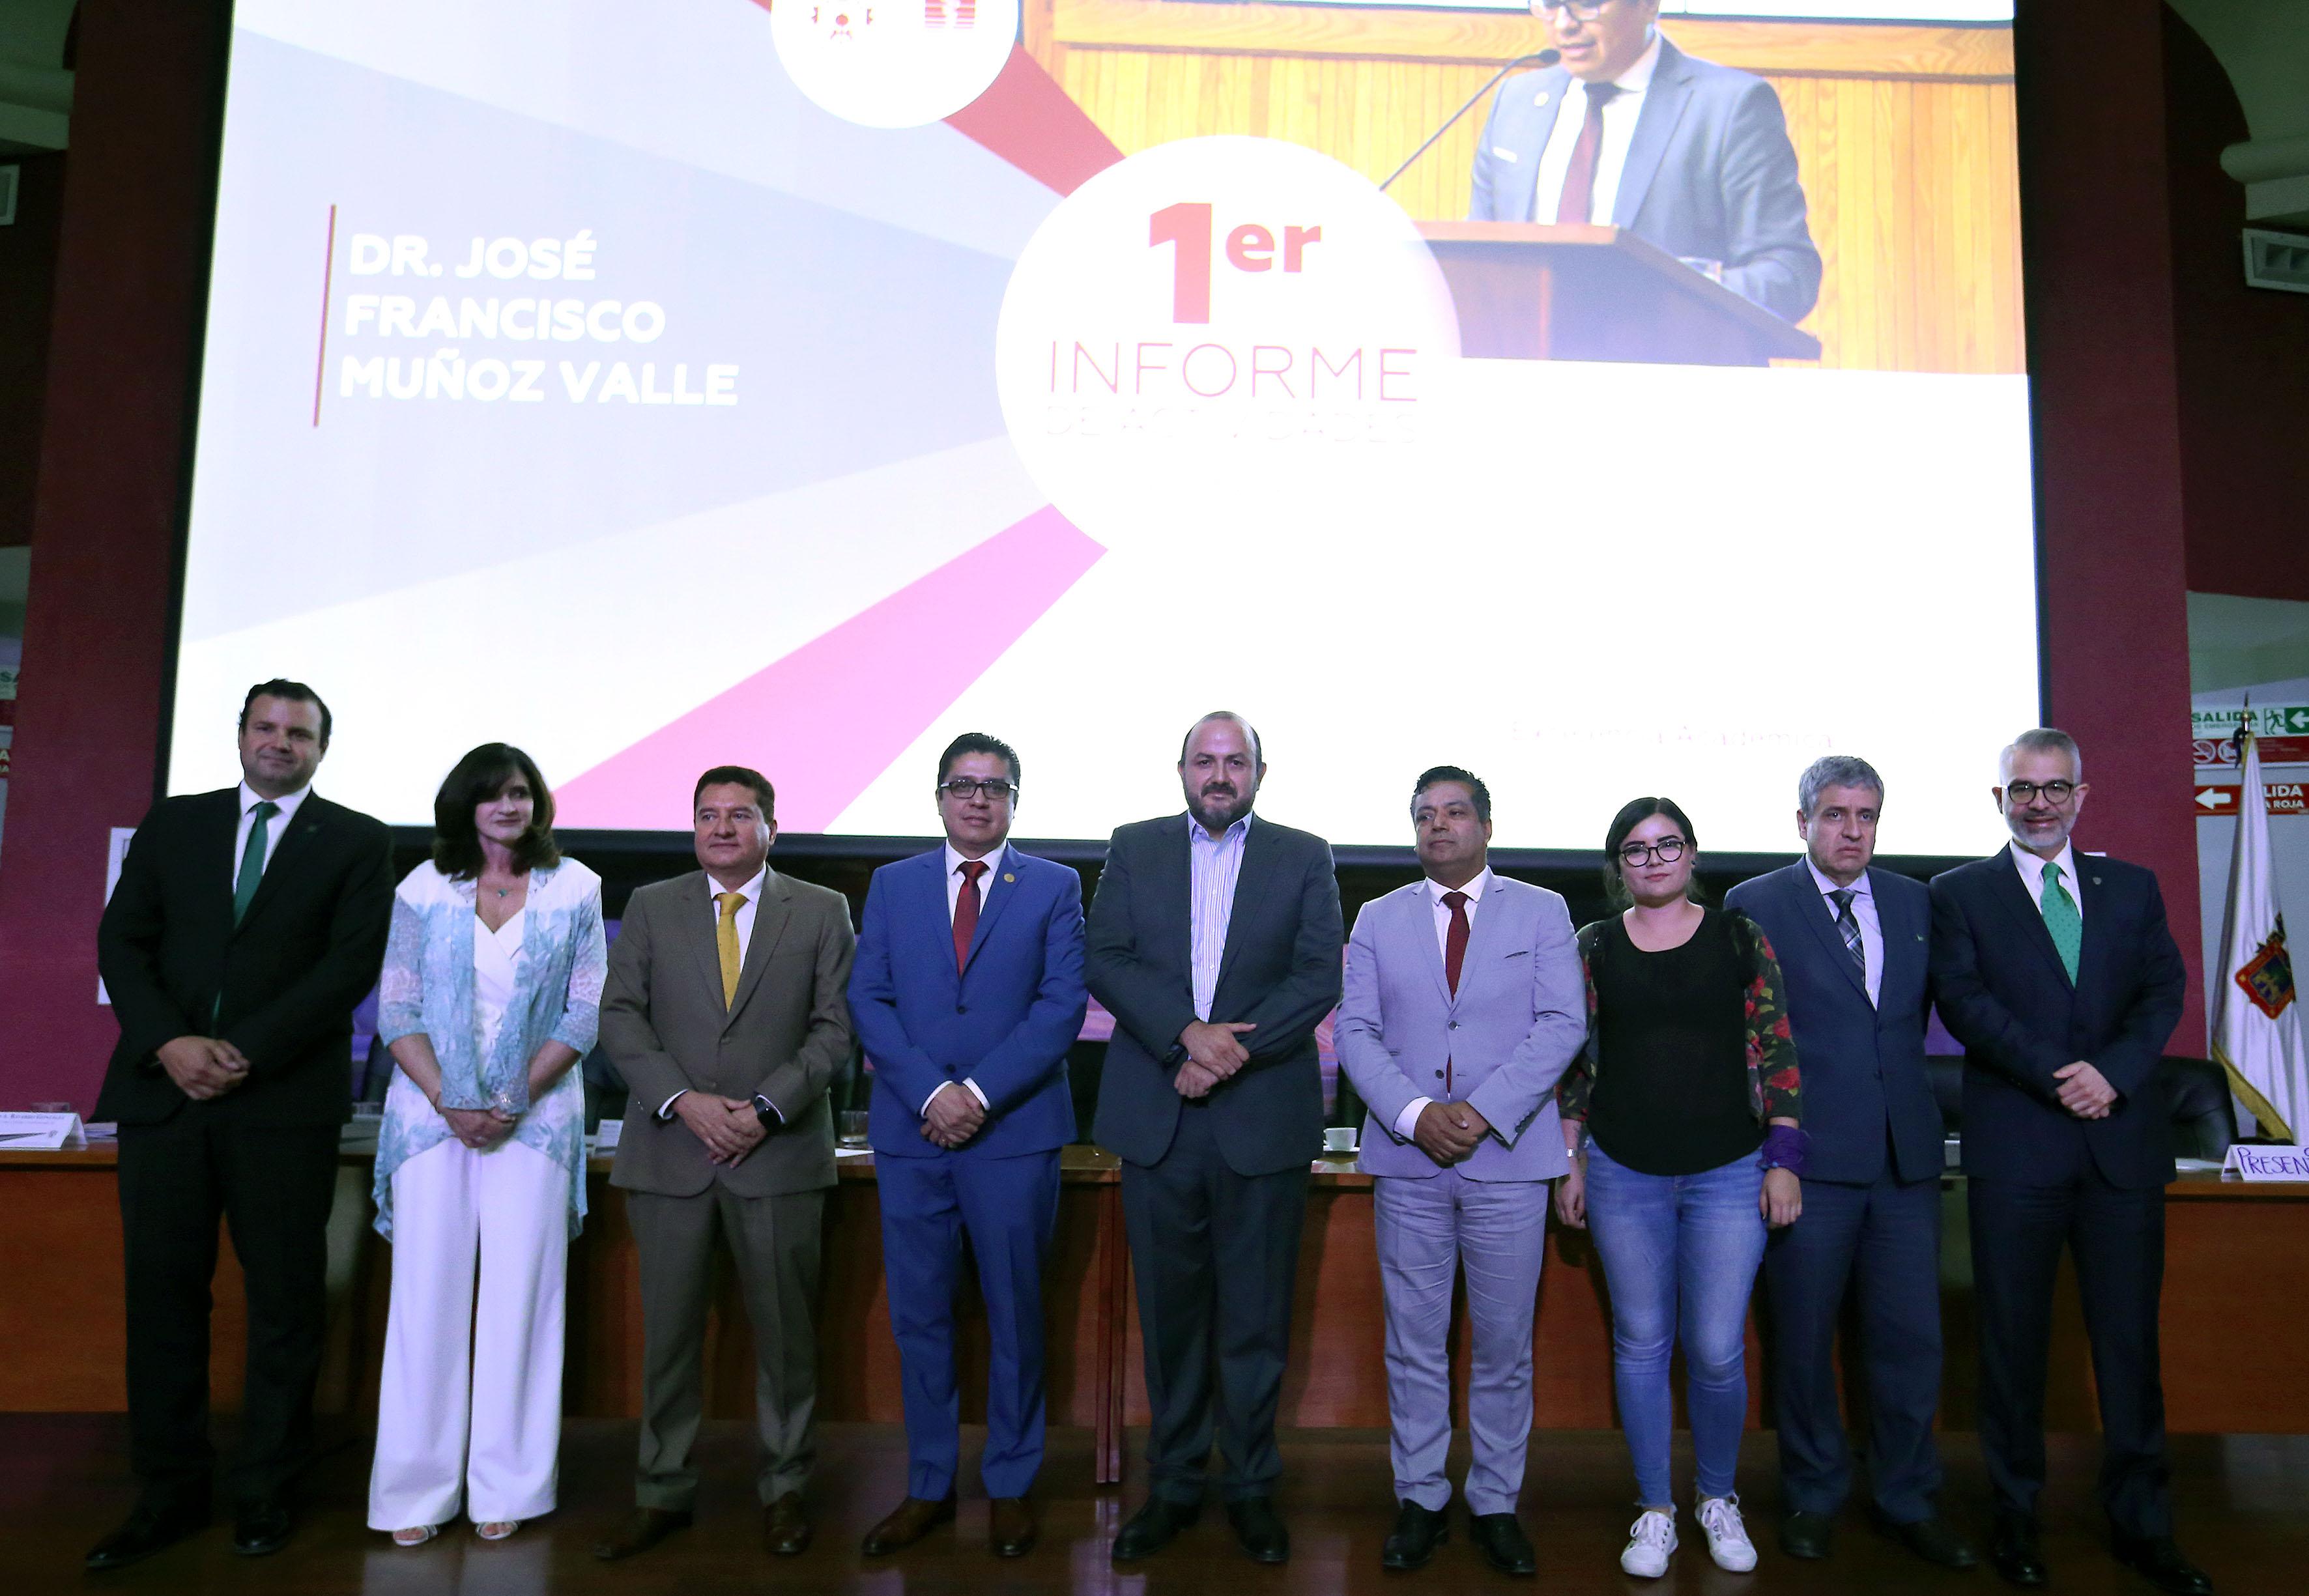 Fotografía grupal de miembros del presídium con el Rector General al final del informe